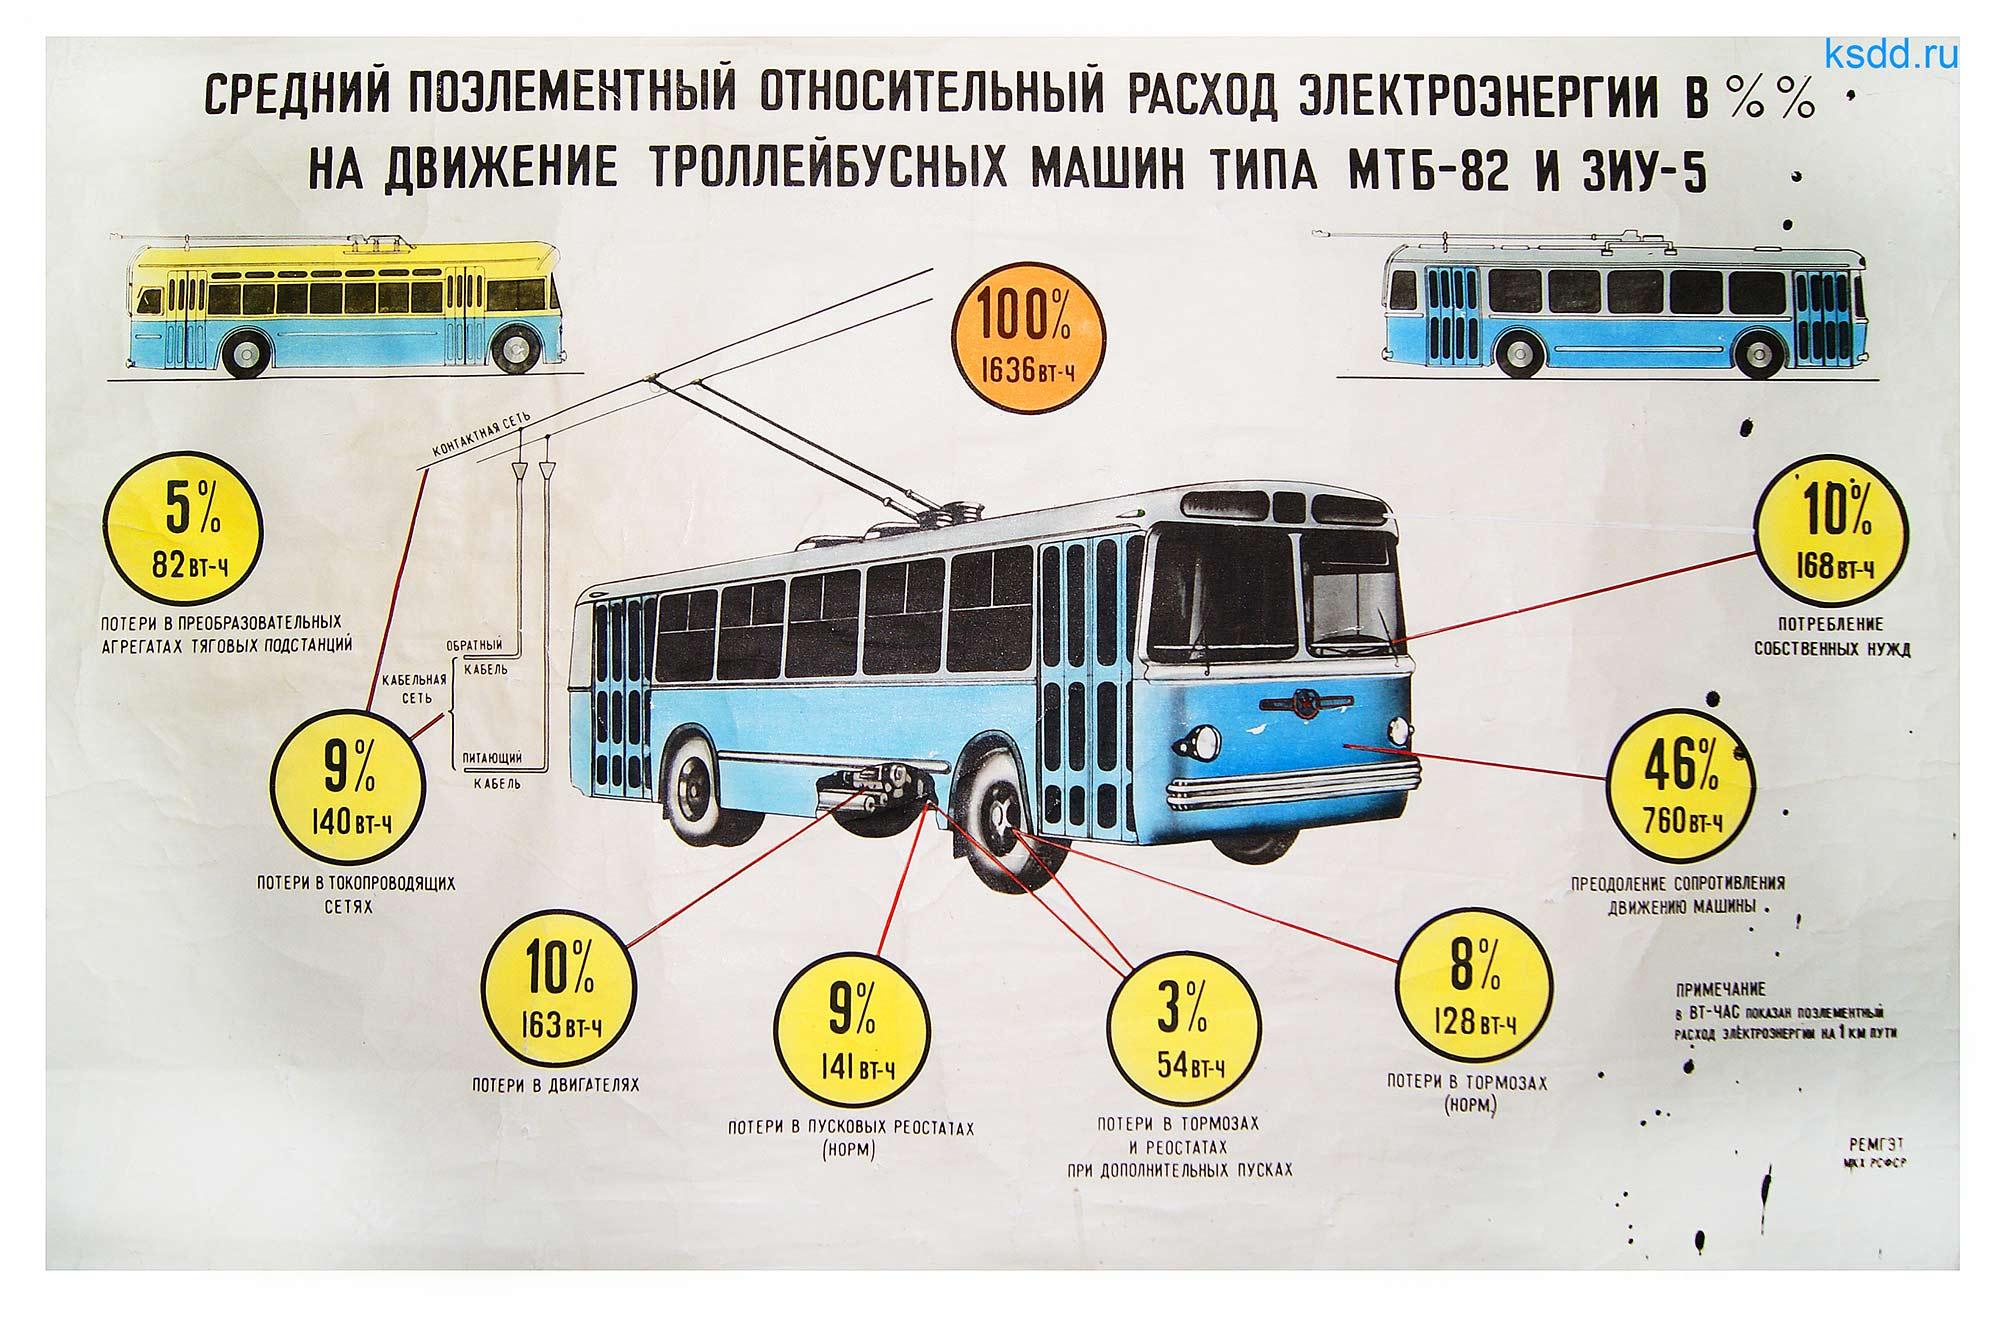 36.-Средний-поэлементный-относительный-расход-электроэнергии-в-%,-на-движение-троллейбусных-машин-типа-МТБ-82-и-ЗИУ-5